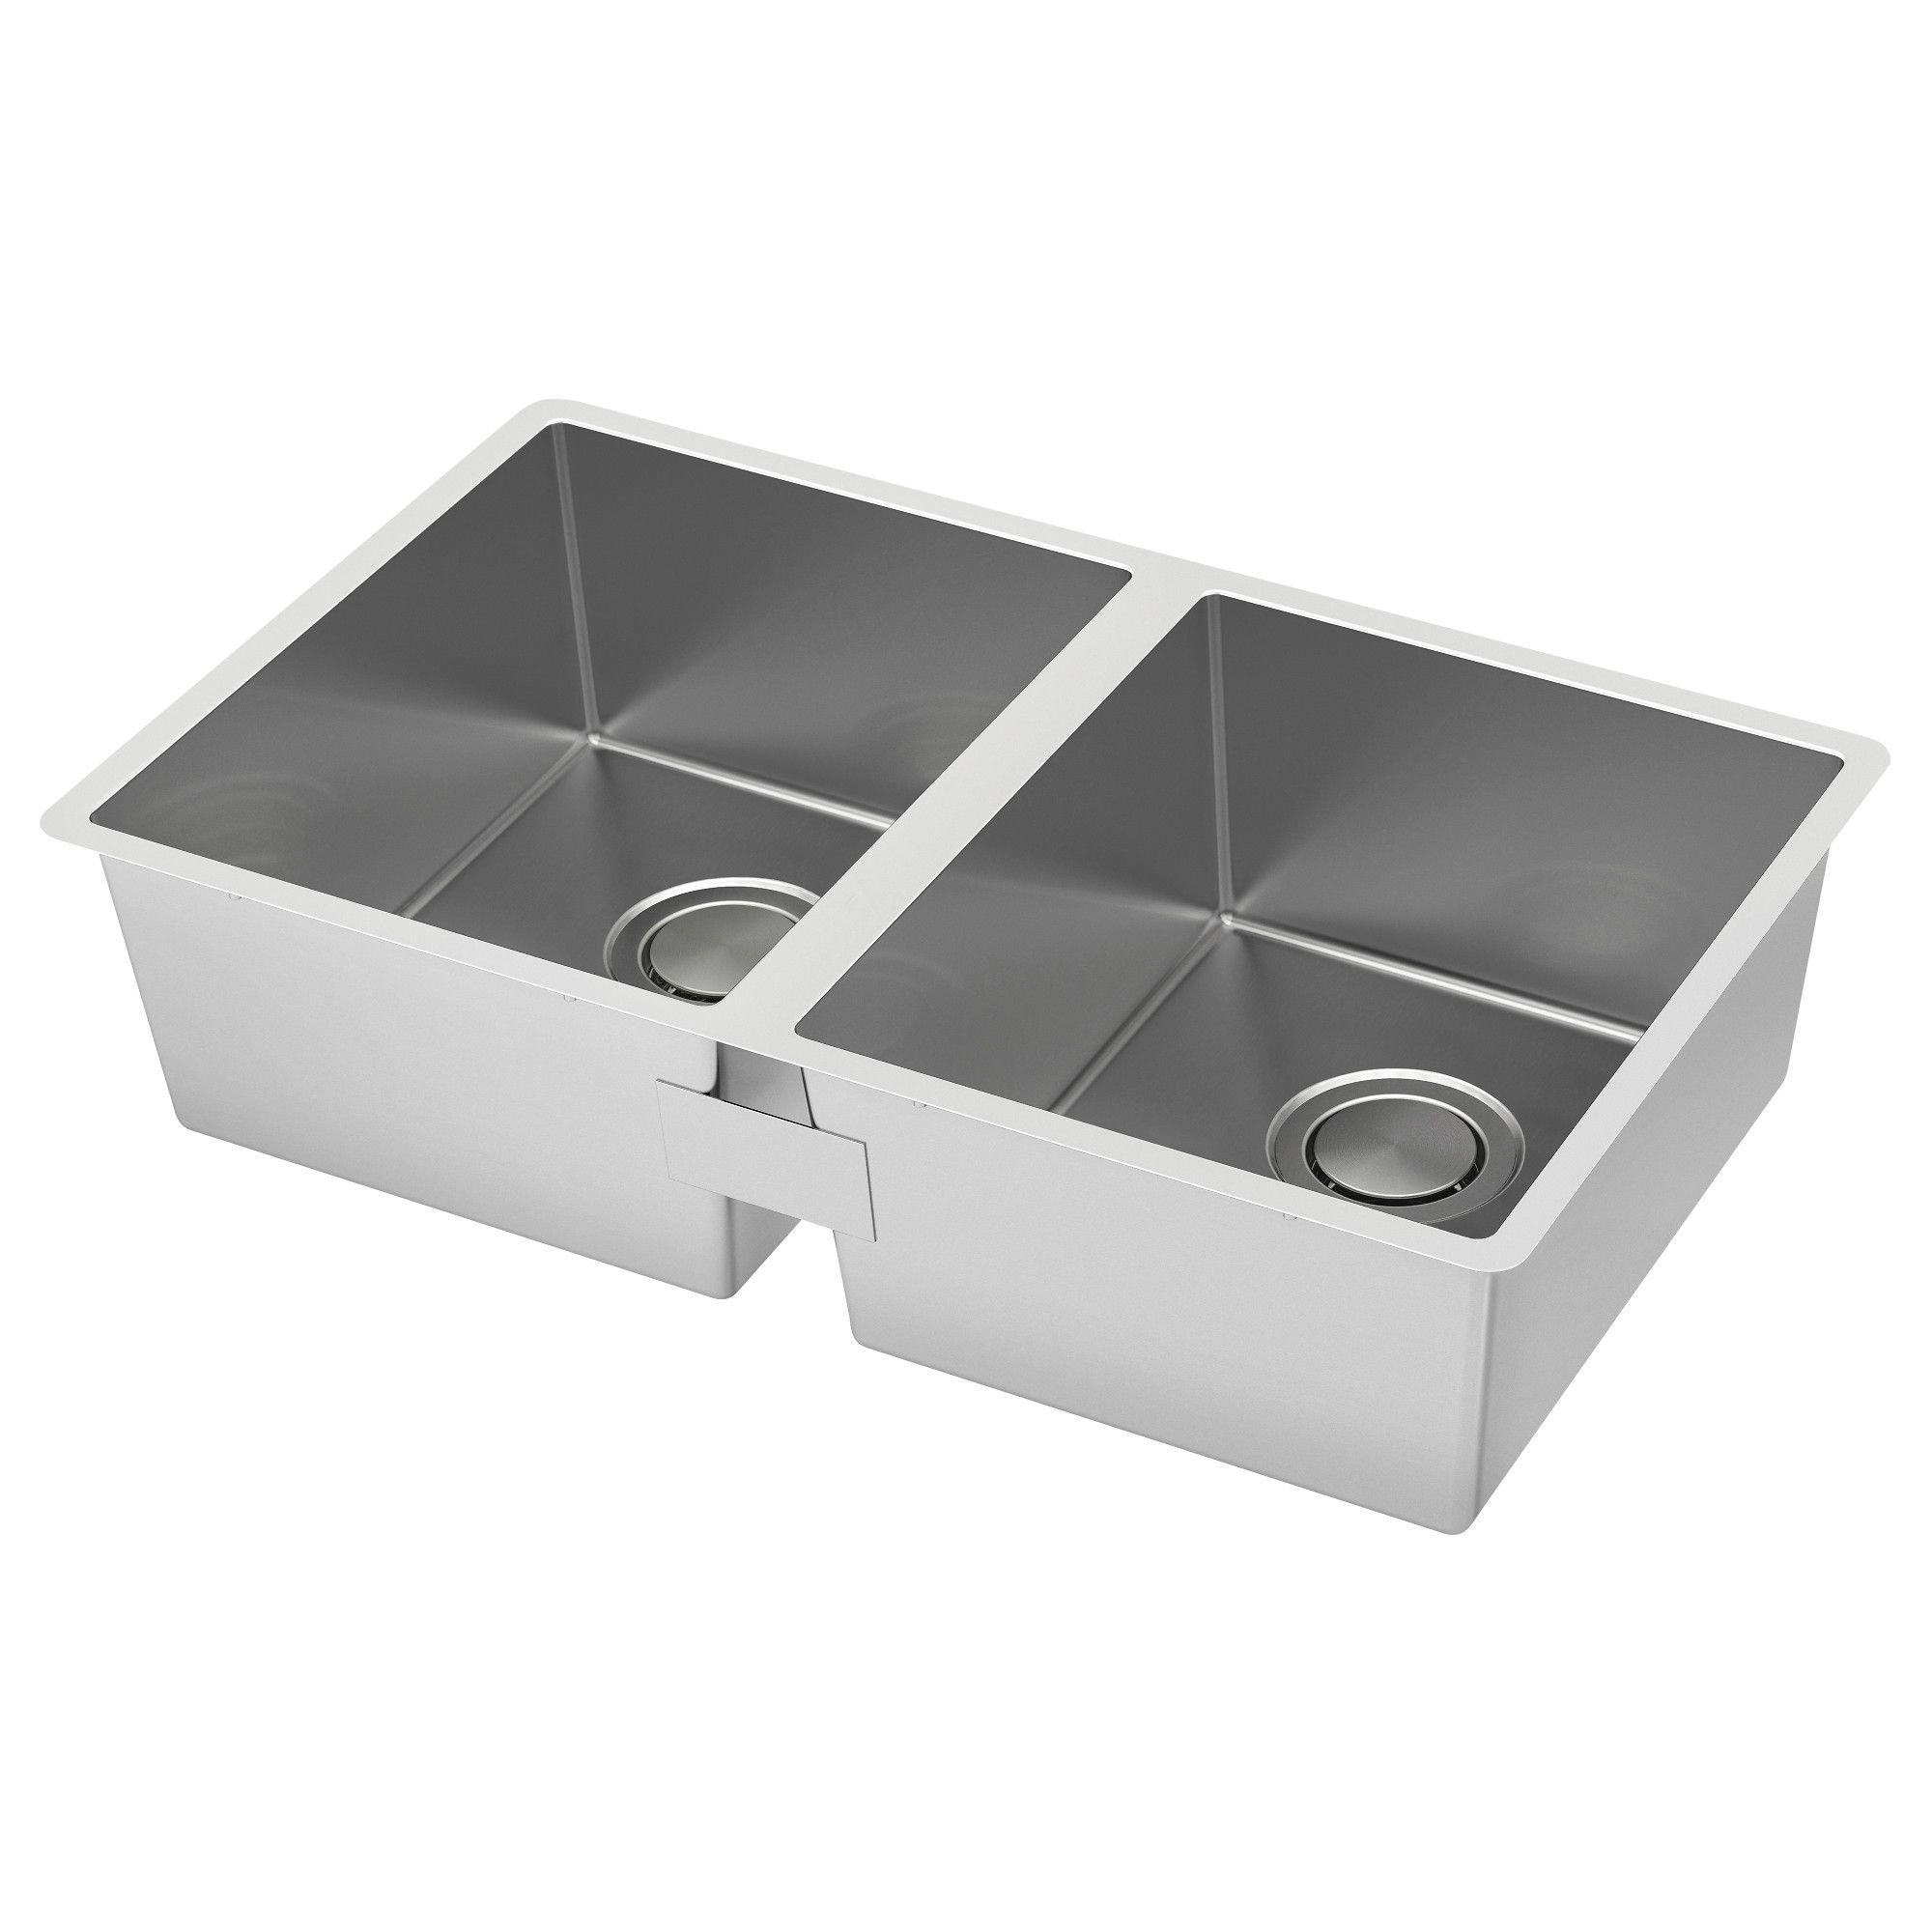 Ikea Spülbecken ikea spülbecken dies ist die neueste informationen auf die küche